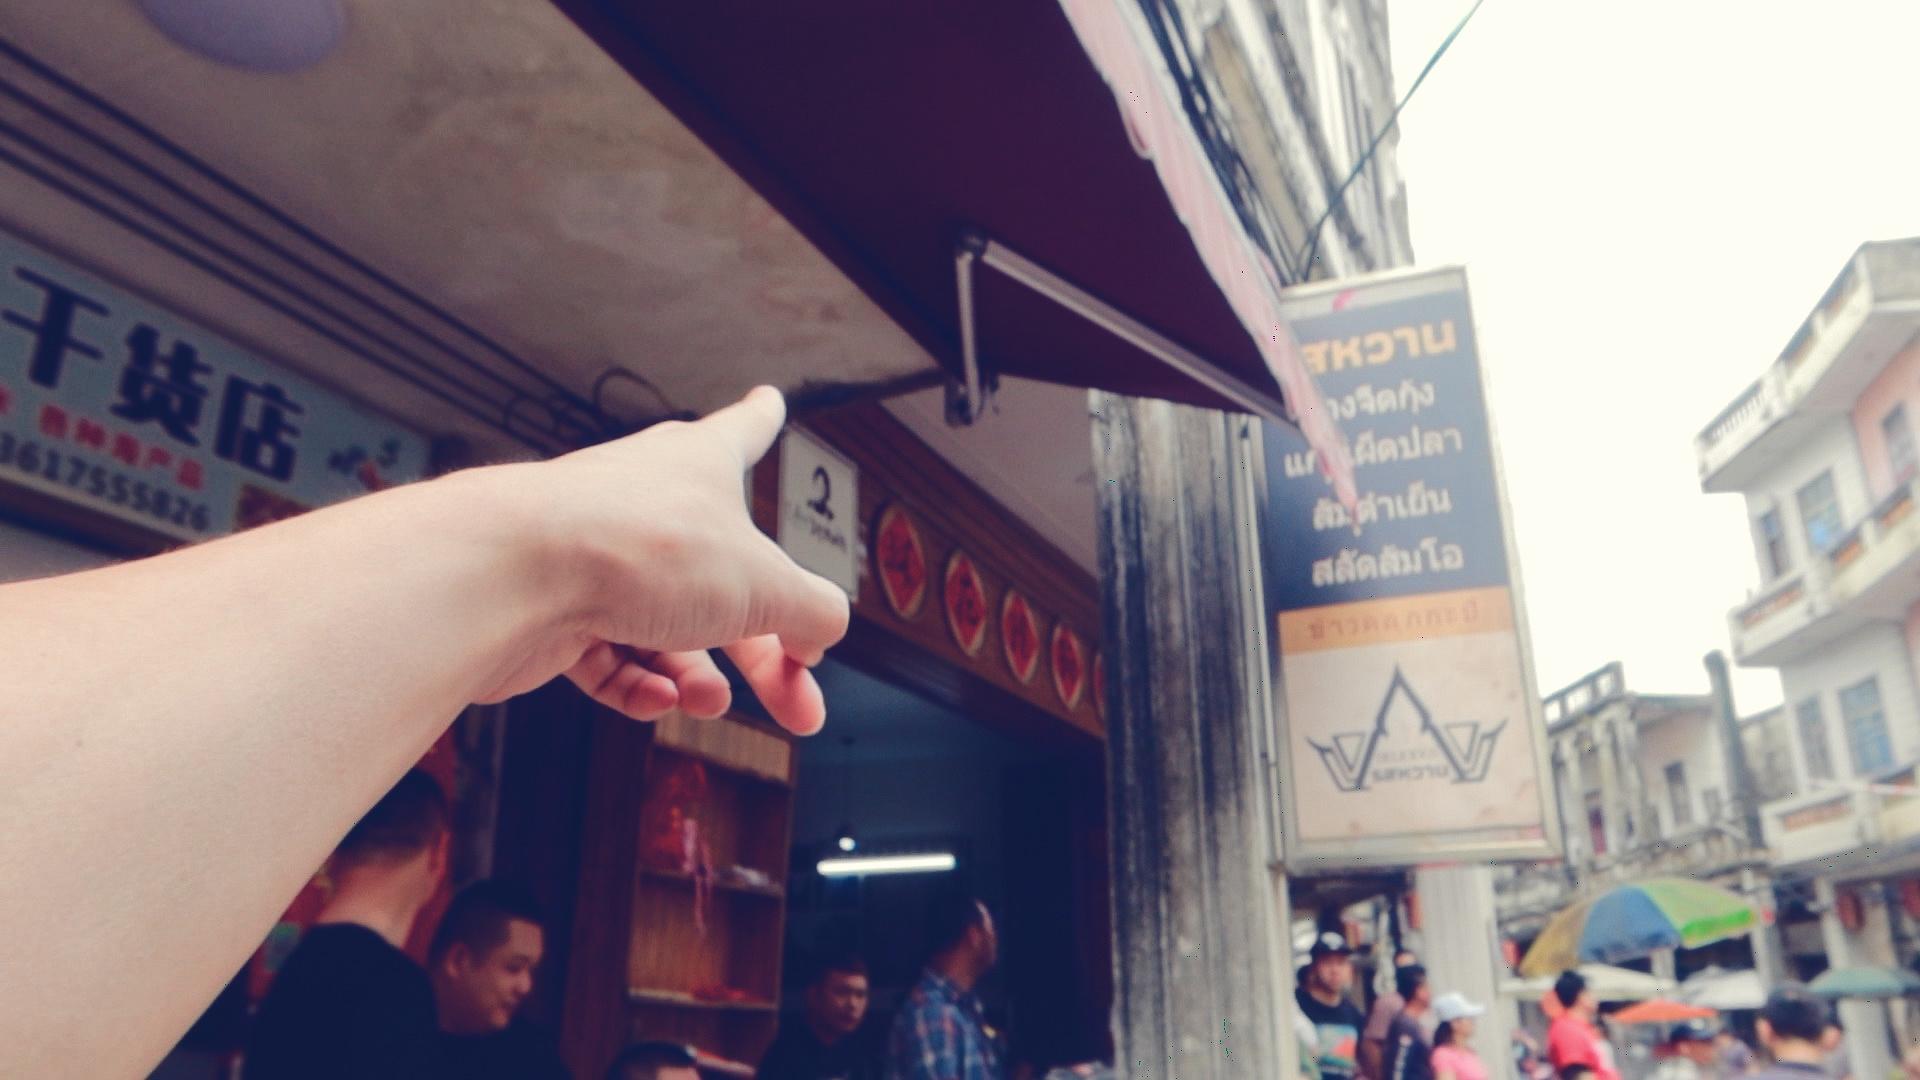 文昌|铺前的糟粕醋、偏僻的虎威湾-胡自自博客